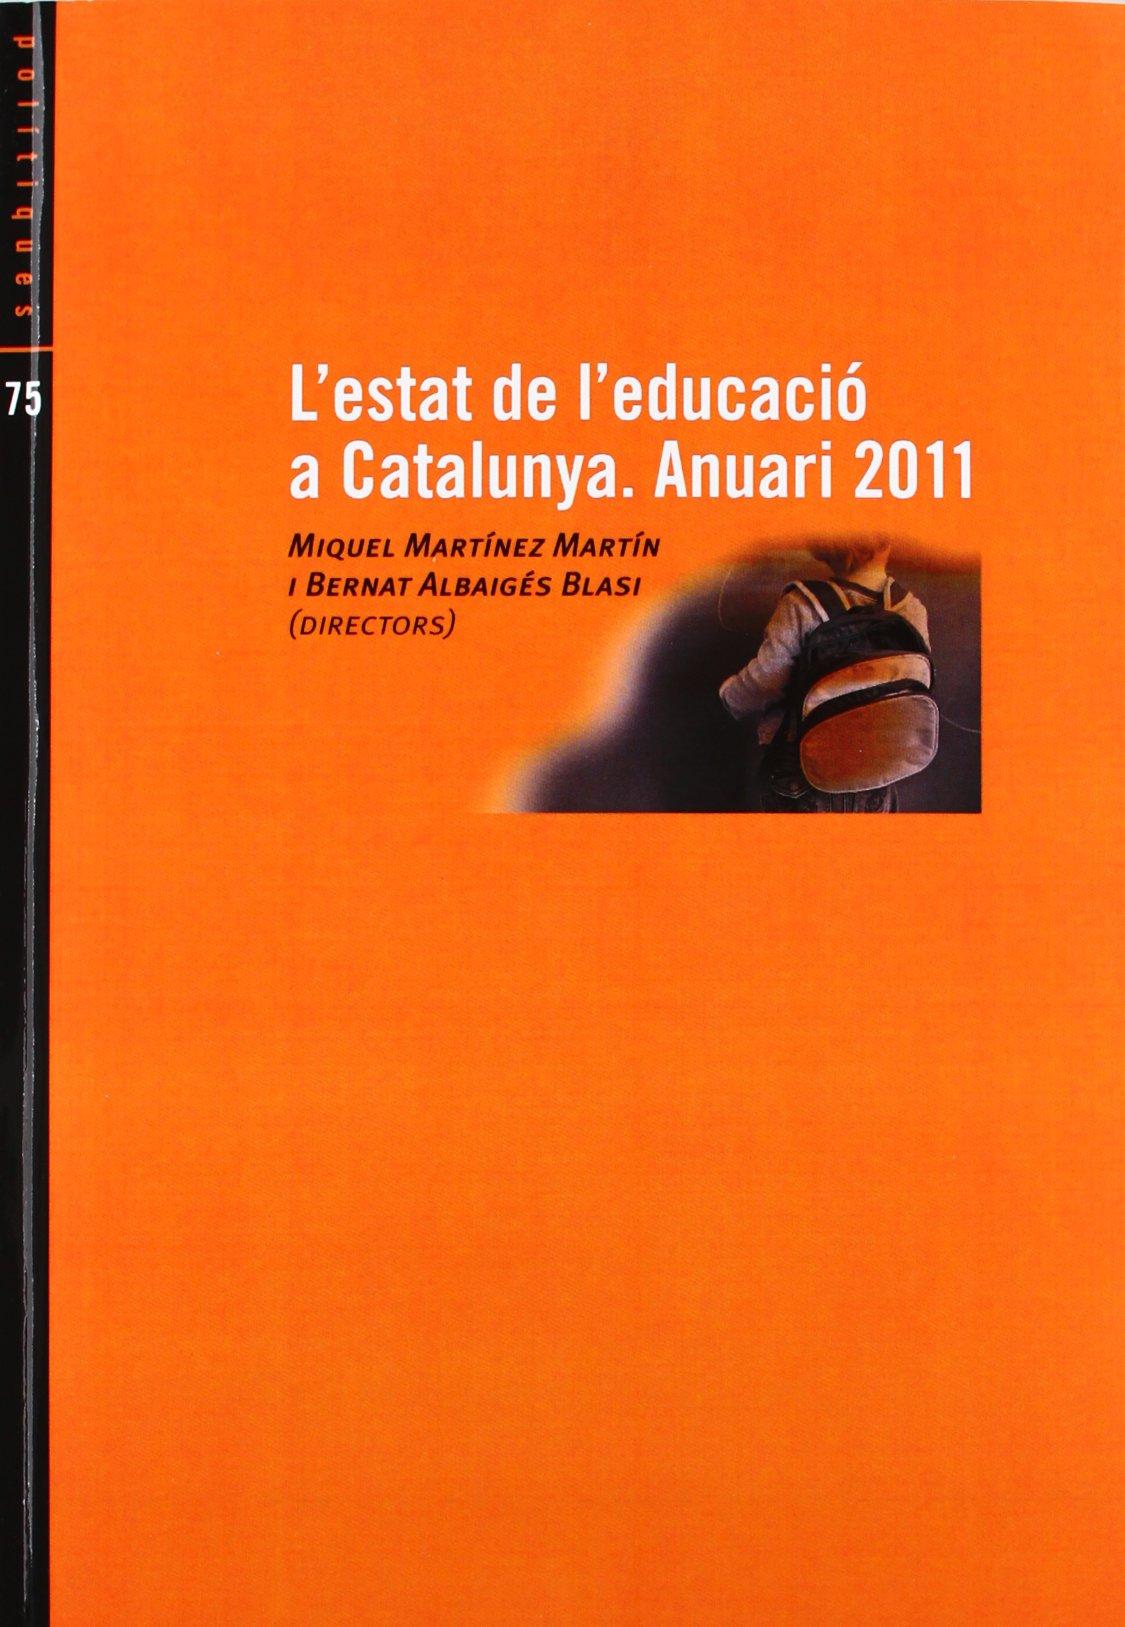 Download L'estat de l'educació a Catalunya, 2011: anuari pdf